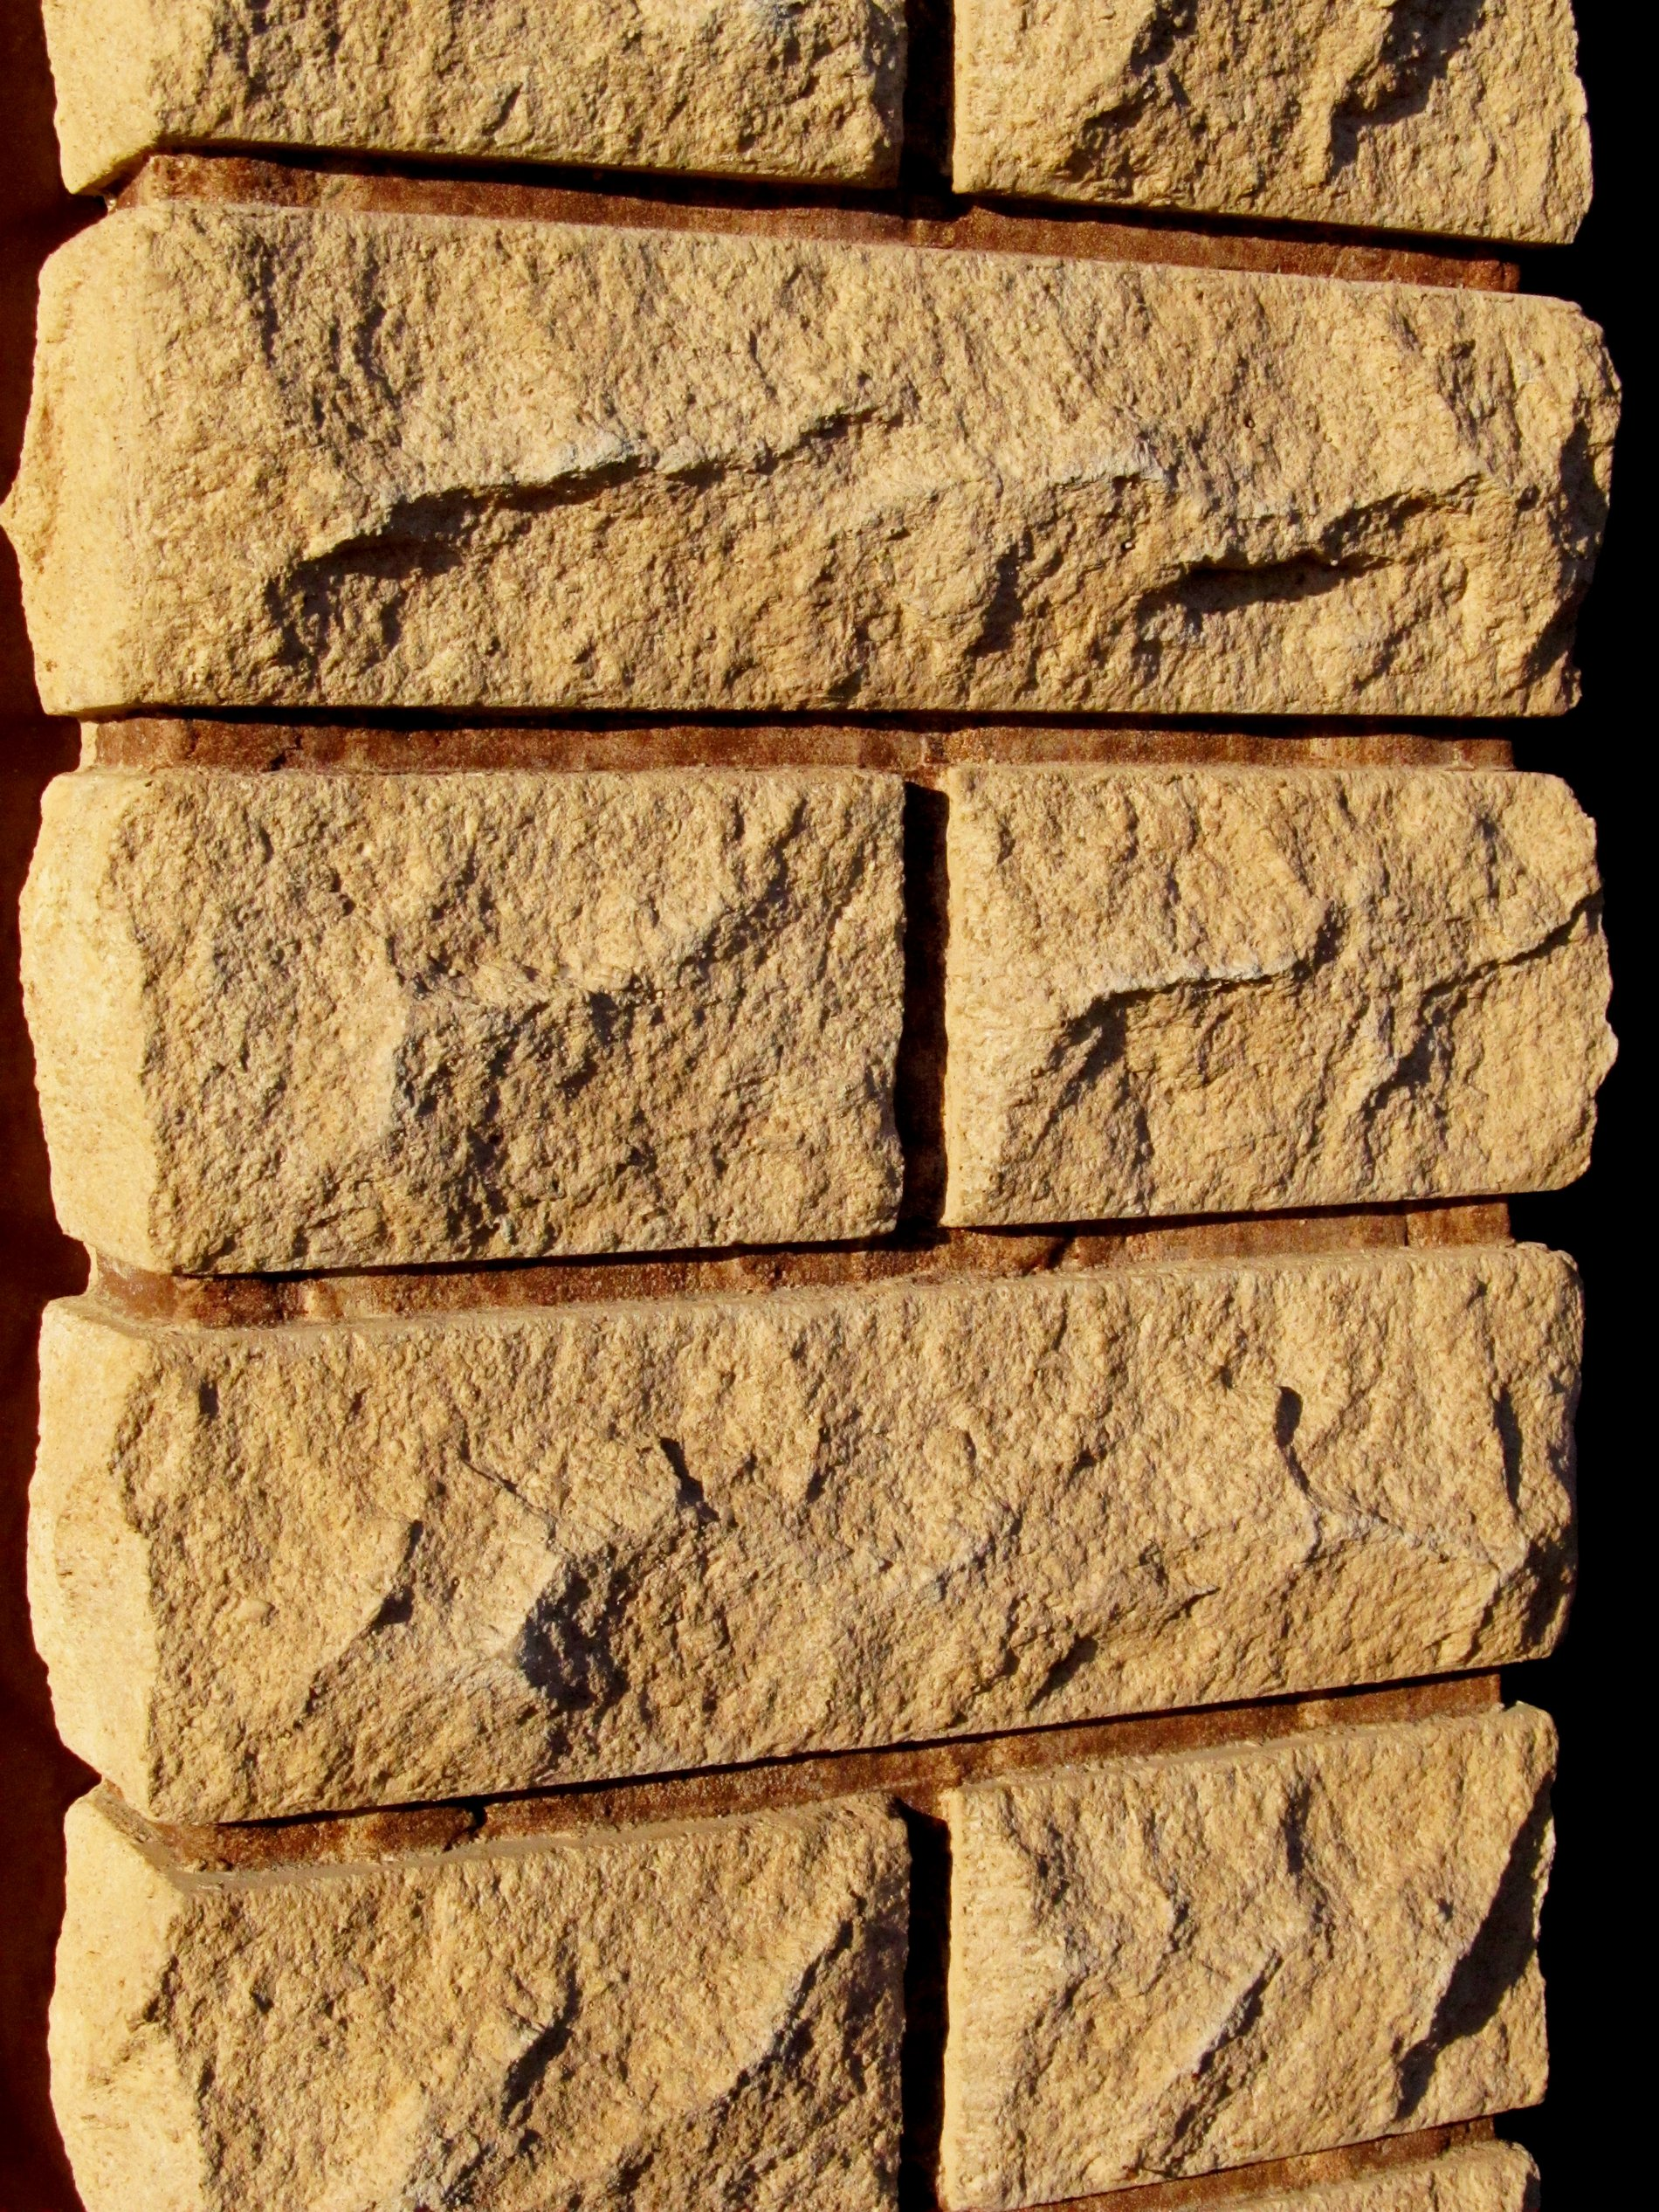 Нажмите на изображение для увеличения Название: Фото бетонного столба рваный кирпич.jpg Просмотров: 11 Размер:1.30 Мб ID:333693